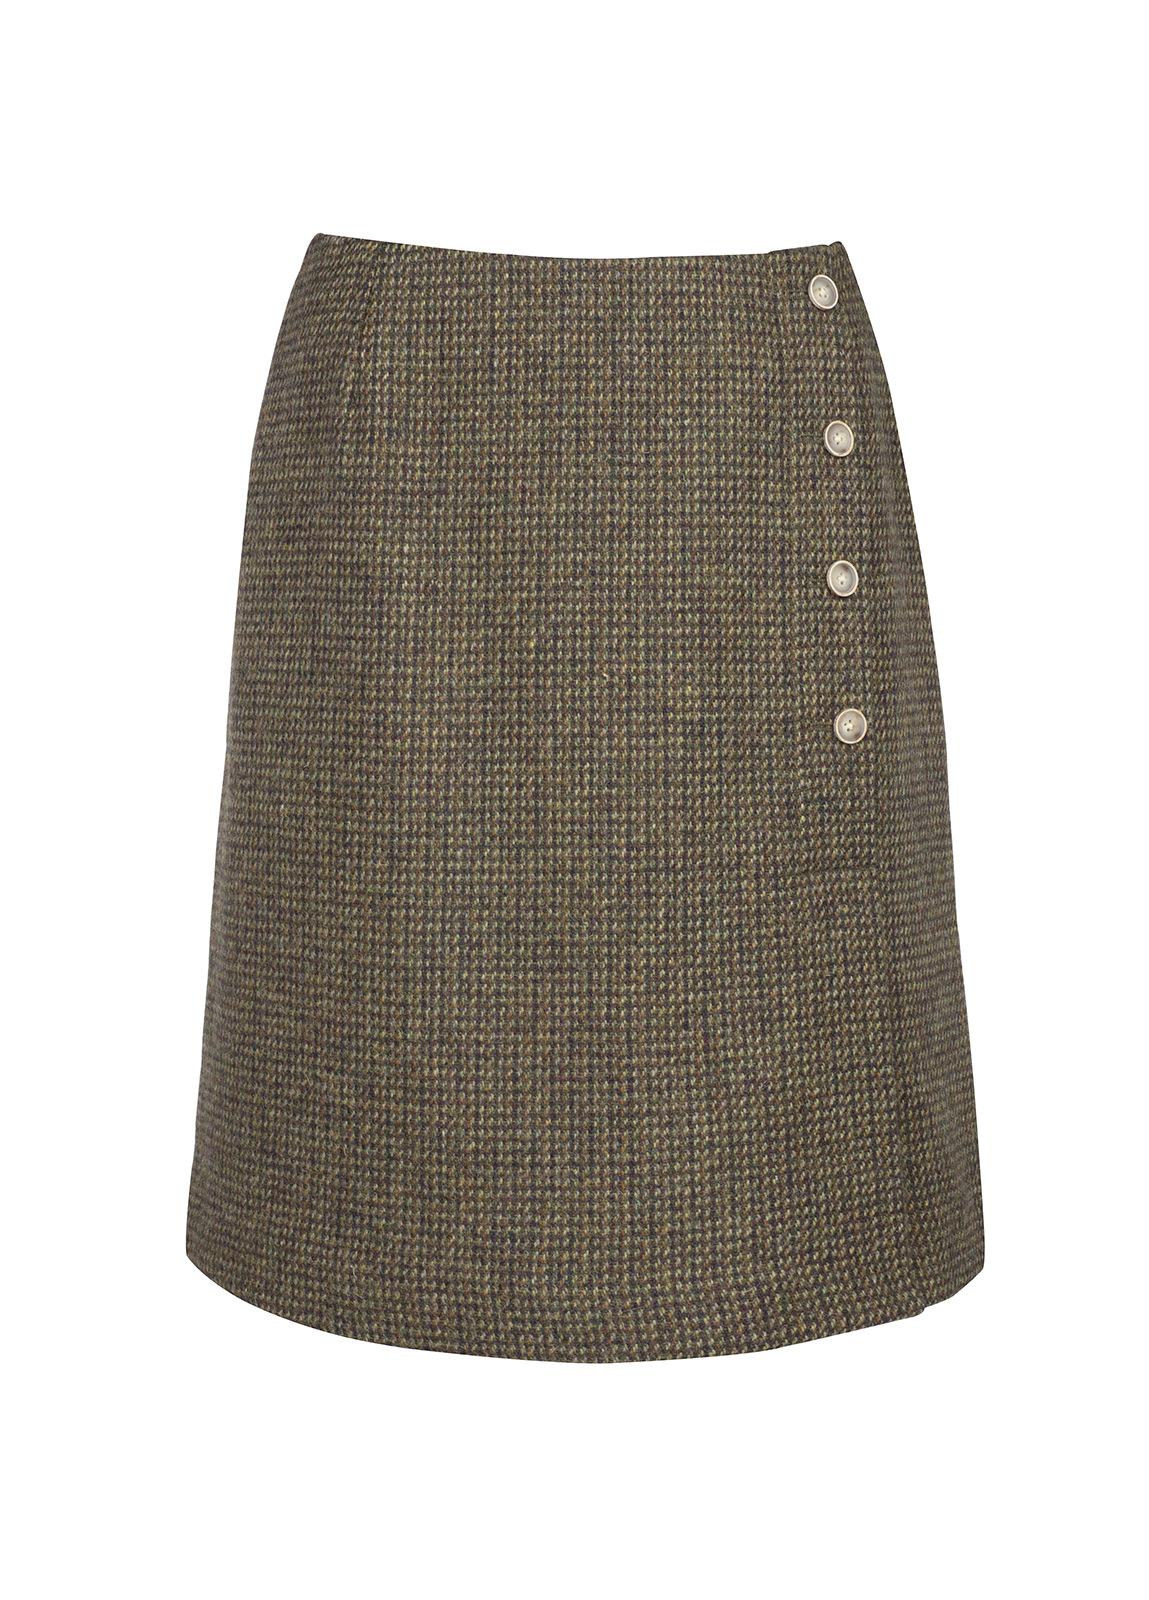 Dubarry_ Marjoram Slim Tweed Skirt - Heath_Image_2